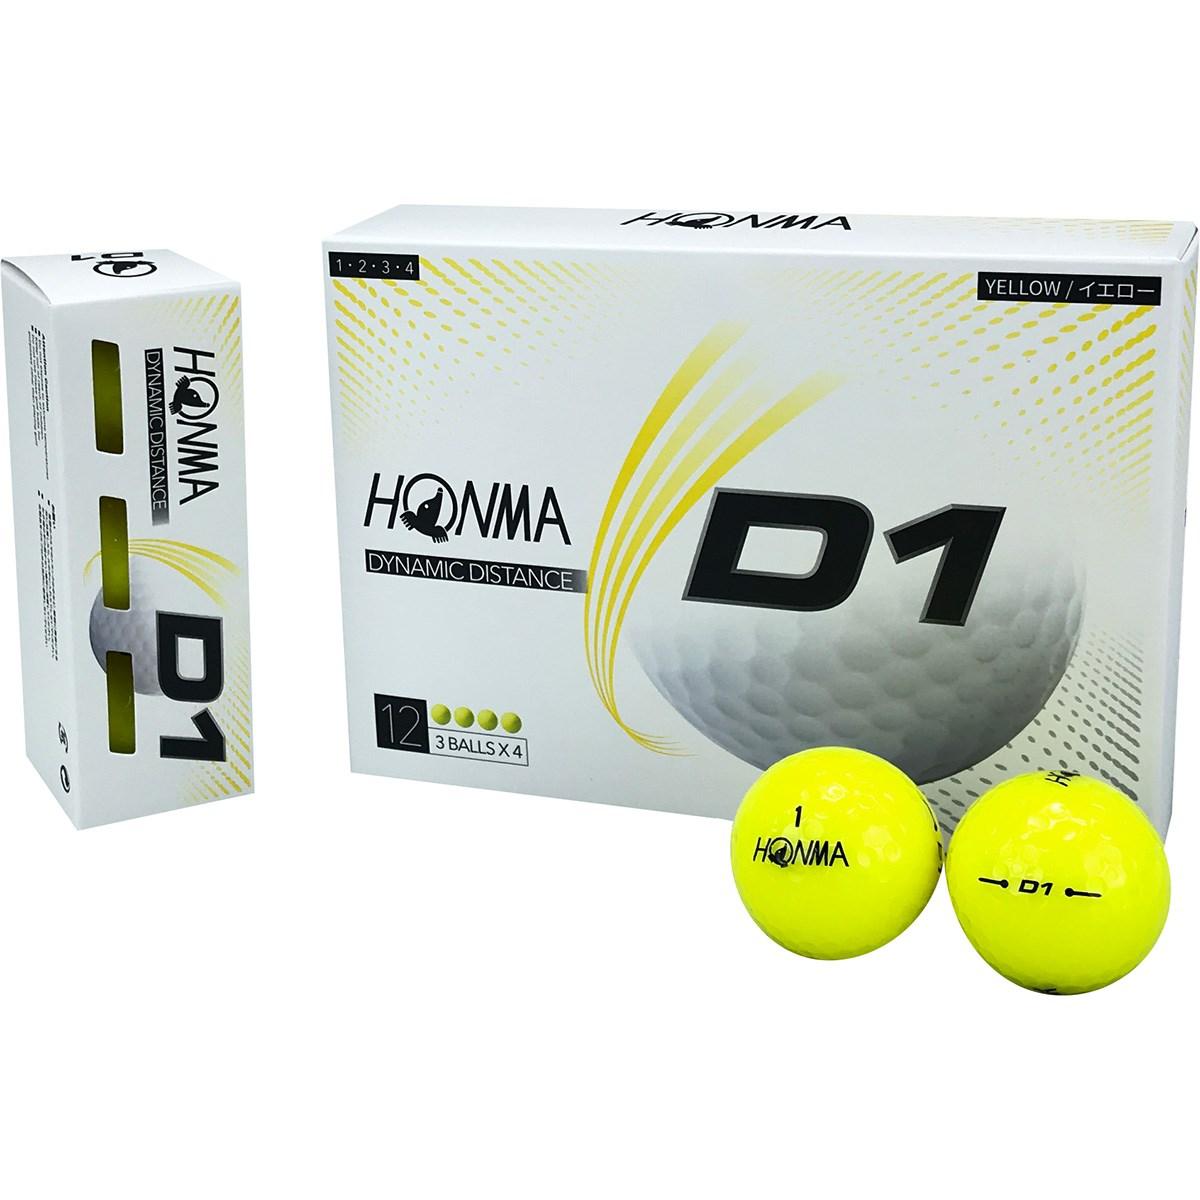 本間ゴルフ HONMA D1 ボール 2020年モデル 1ダース(12個入り) イエロー